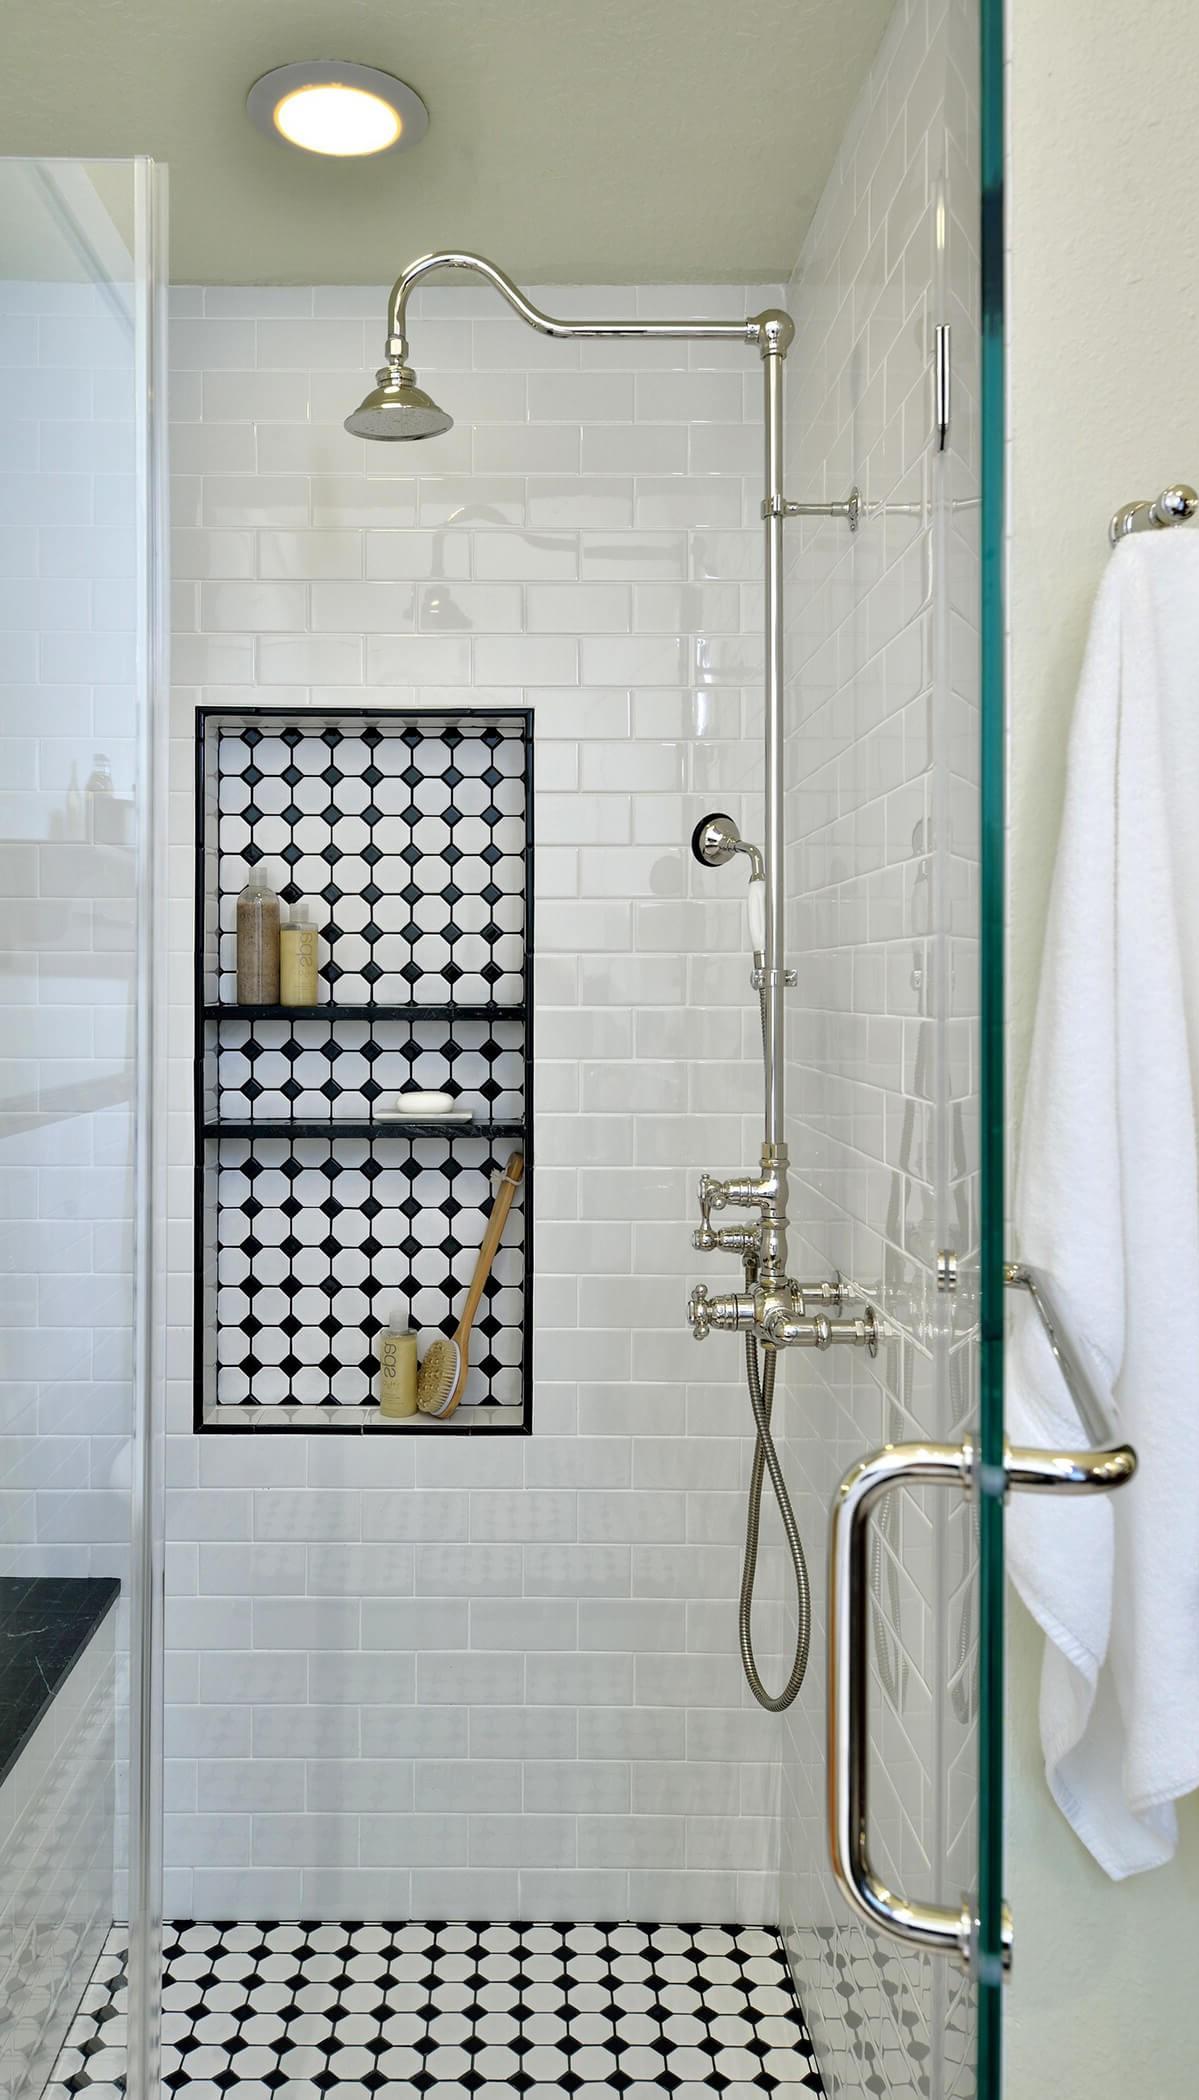 Douche fixe avec douchette à main.